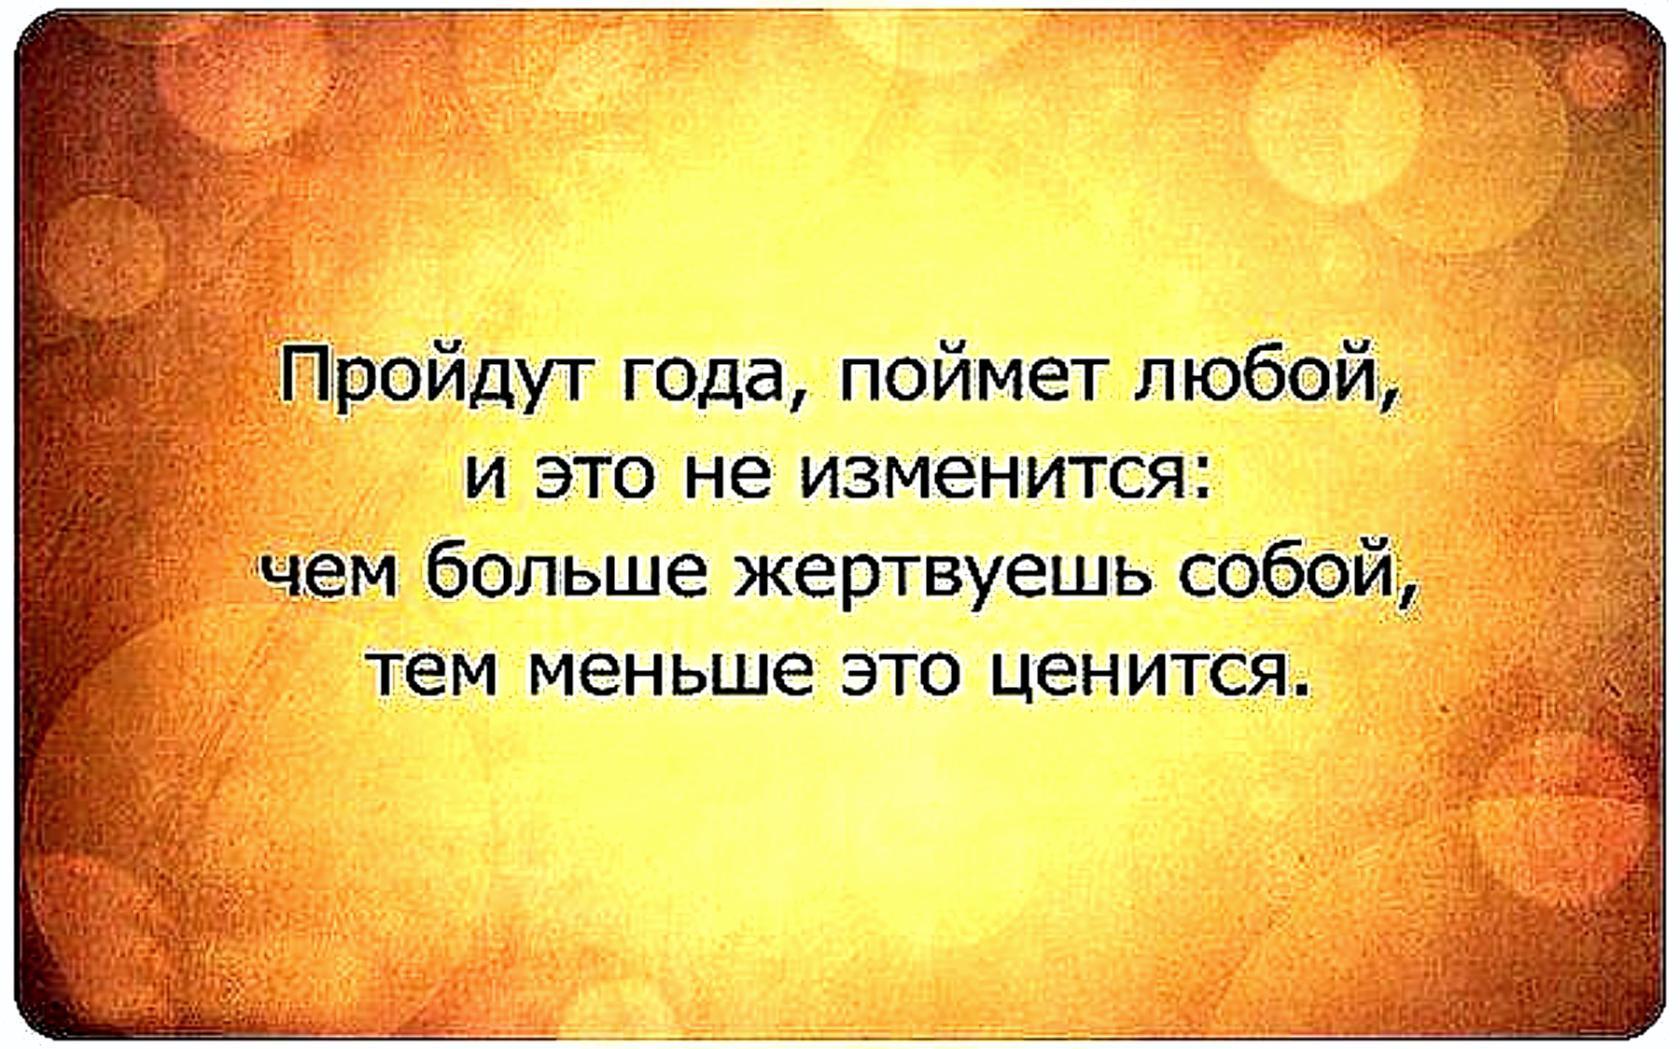 Маленькие цитаты про жизнь